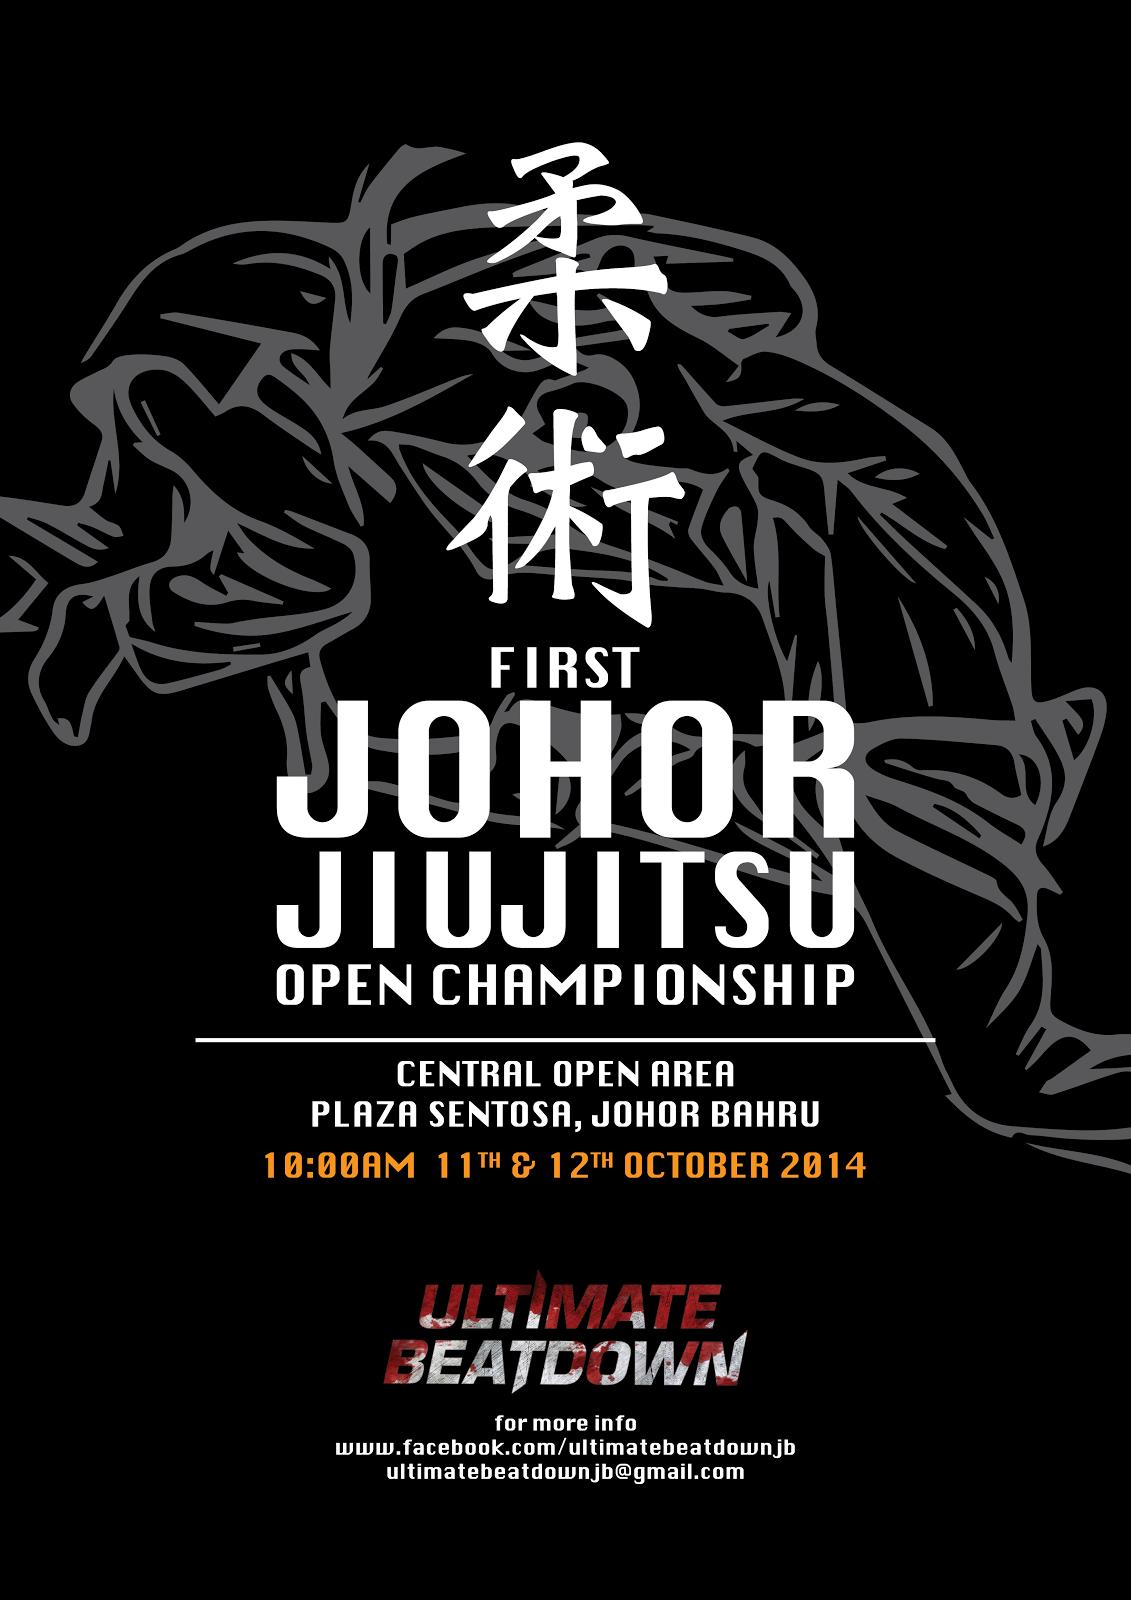 Johor JiuJiitsu Open Championship